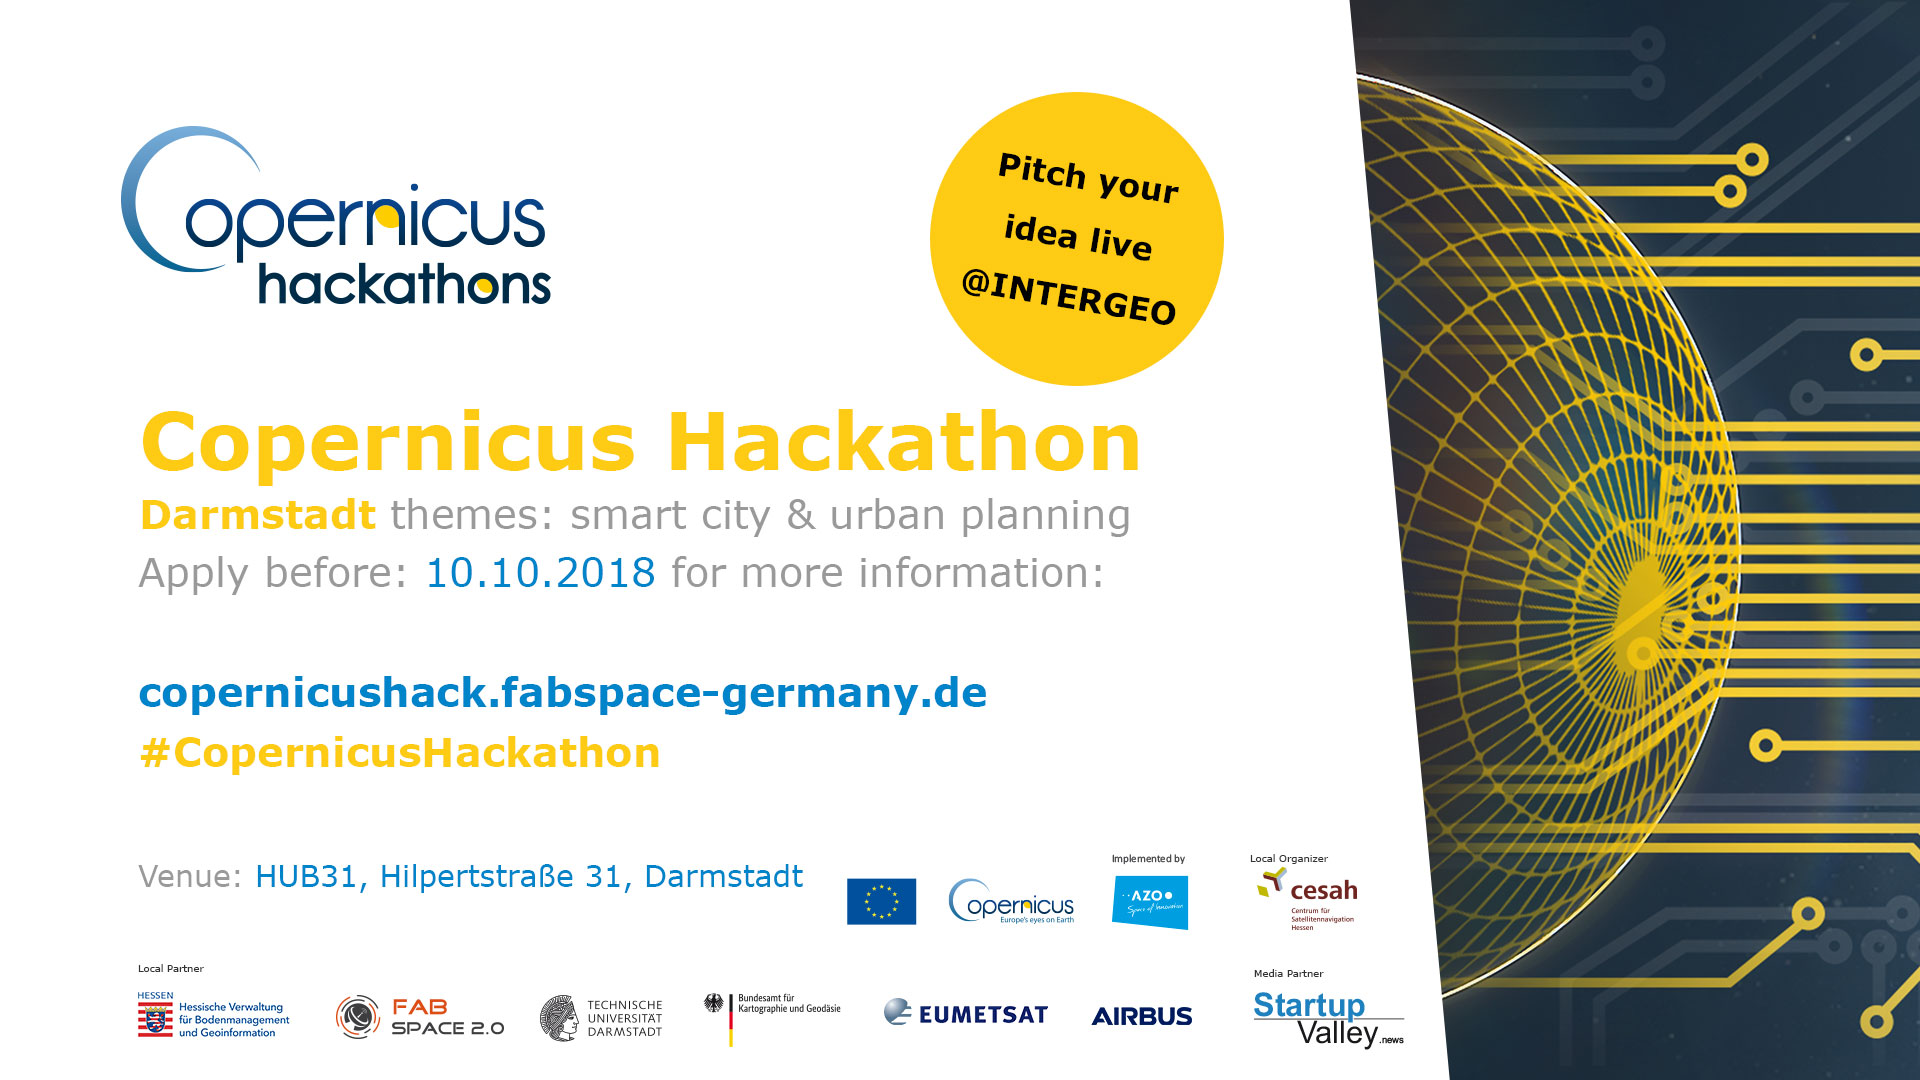 Copernicus Hackathon 2018 - Darmstadt